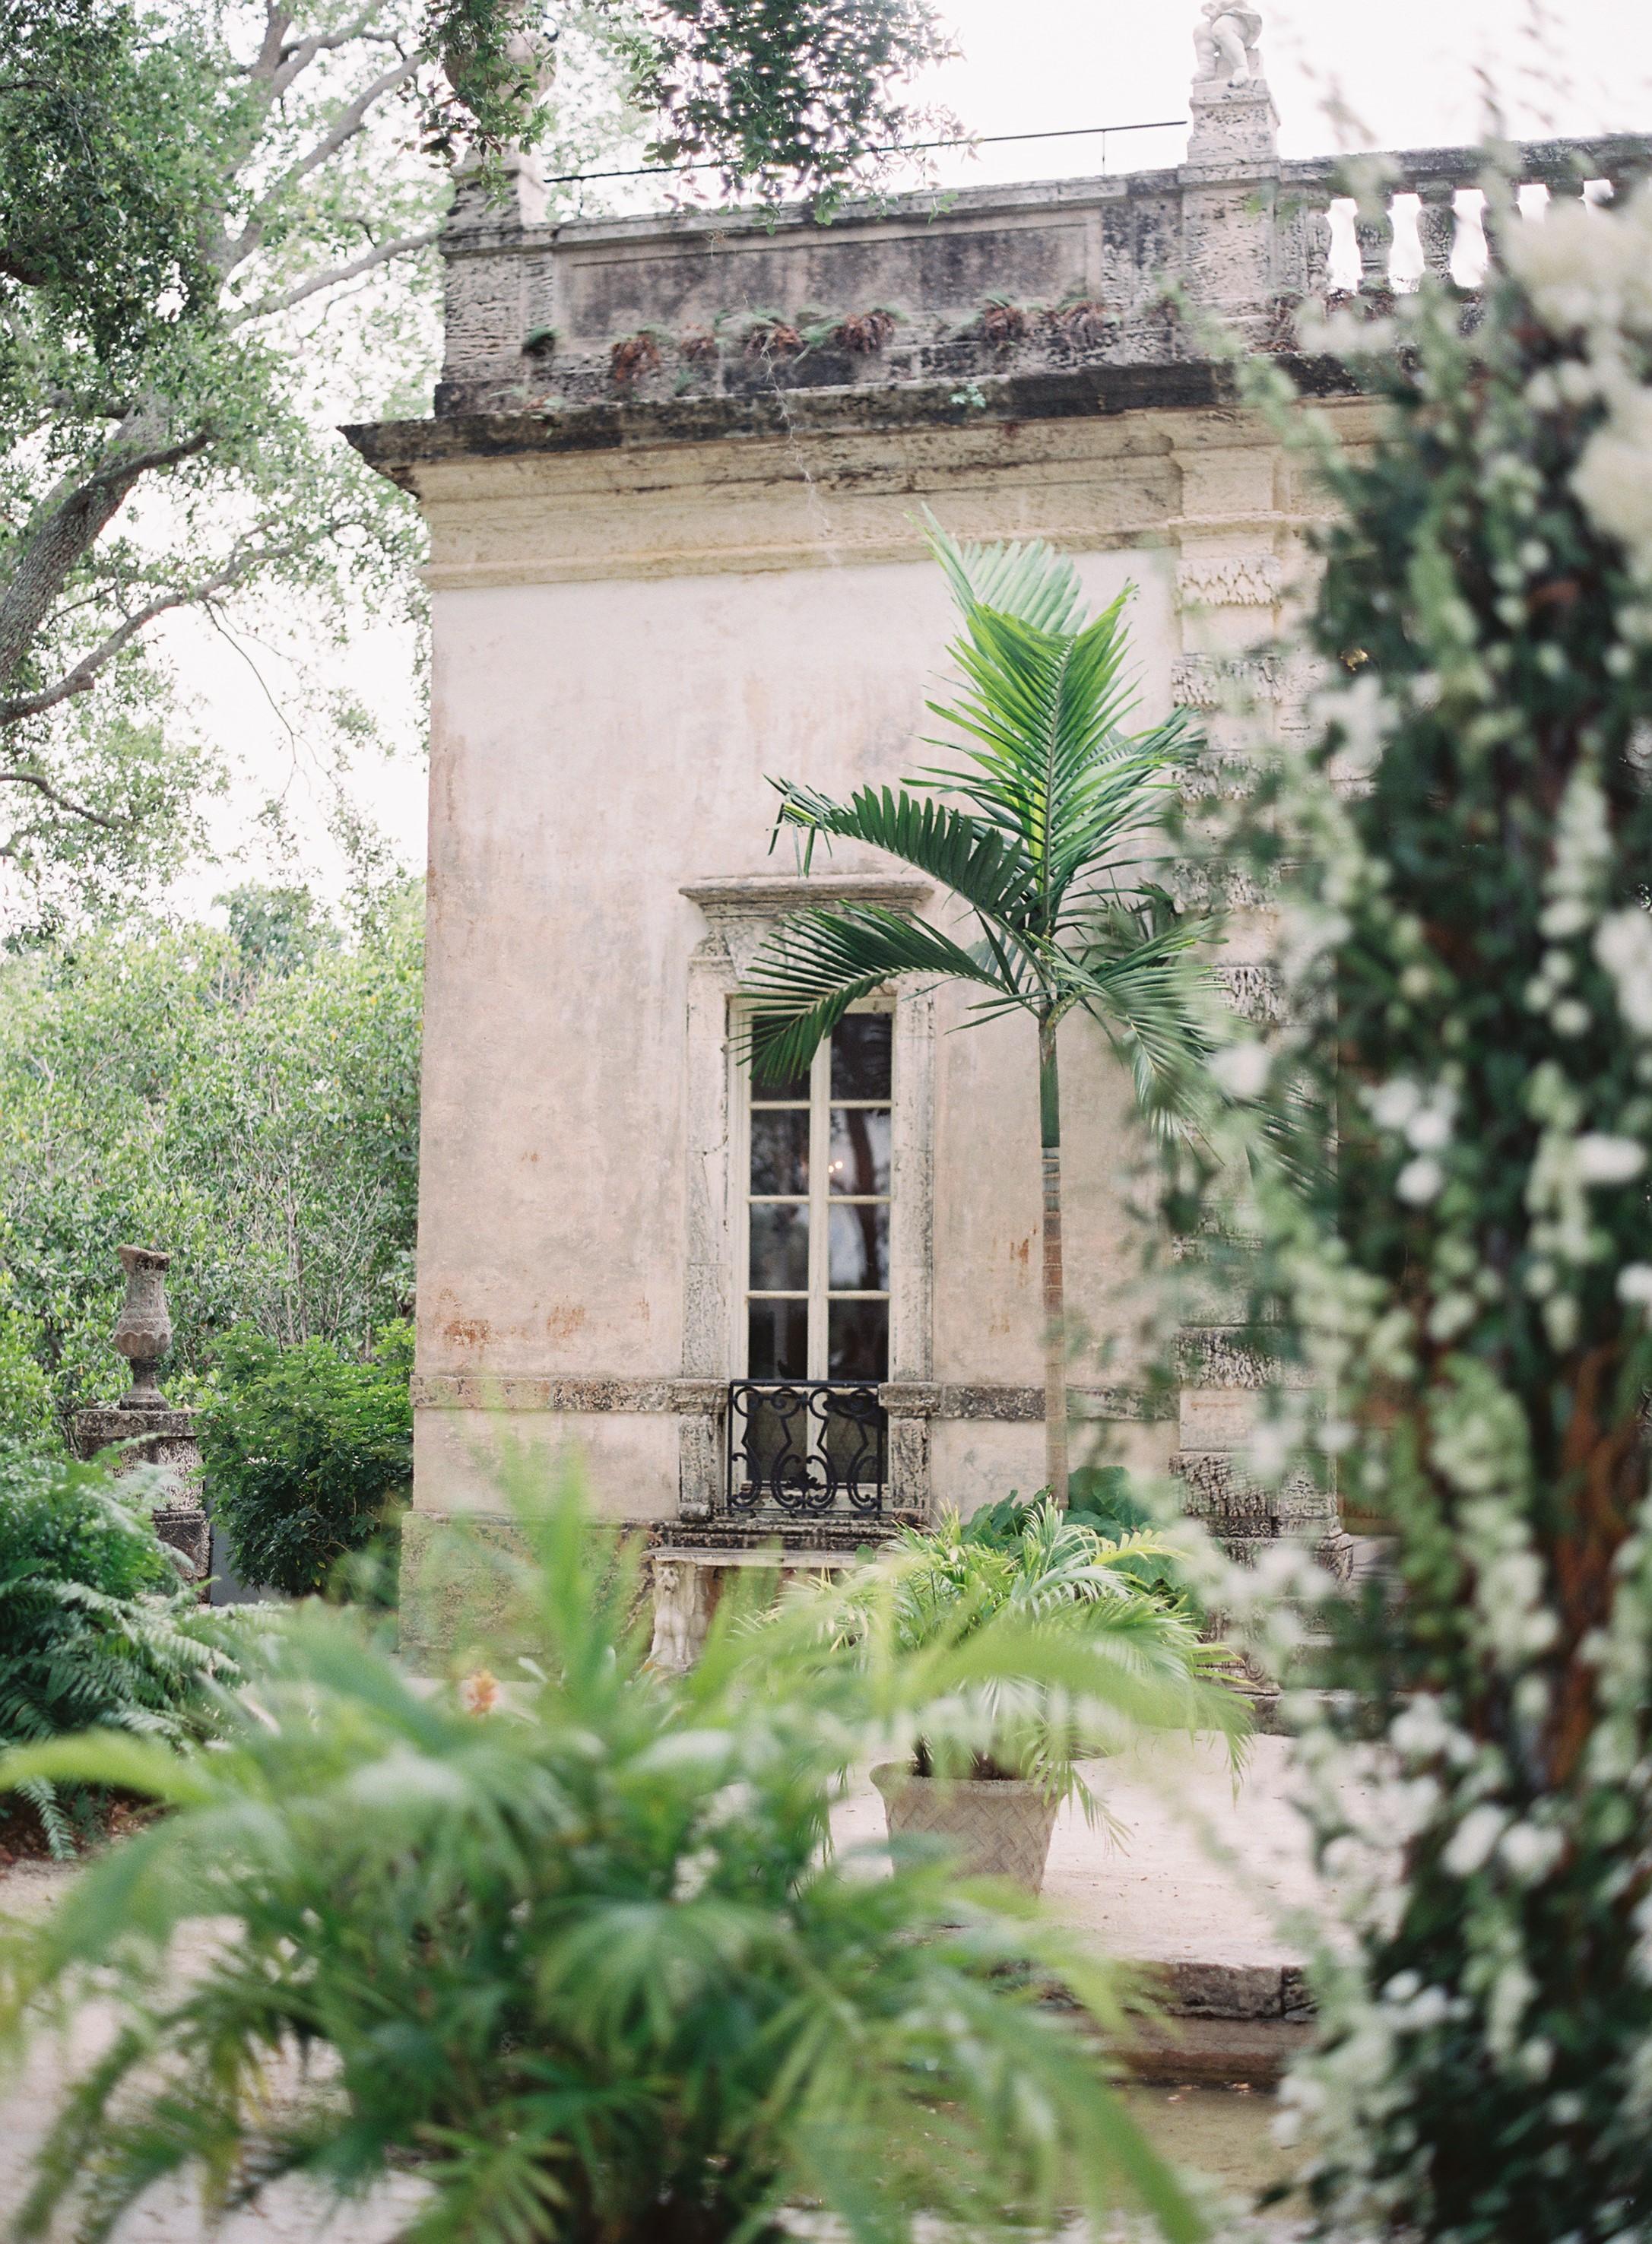 vizcaya museum enagement images